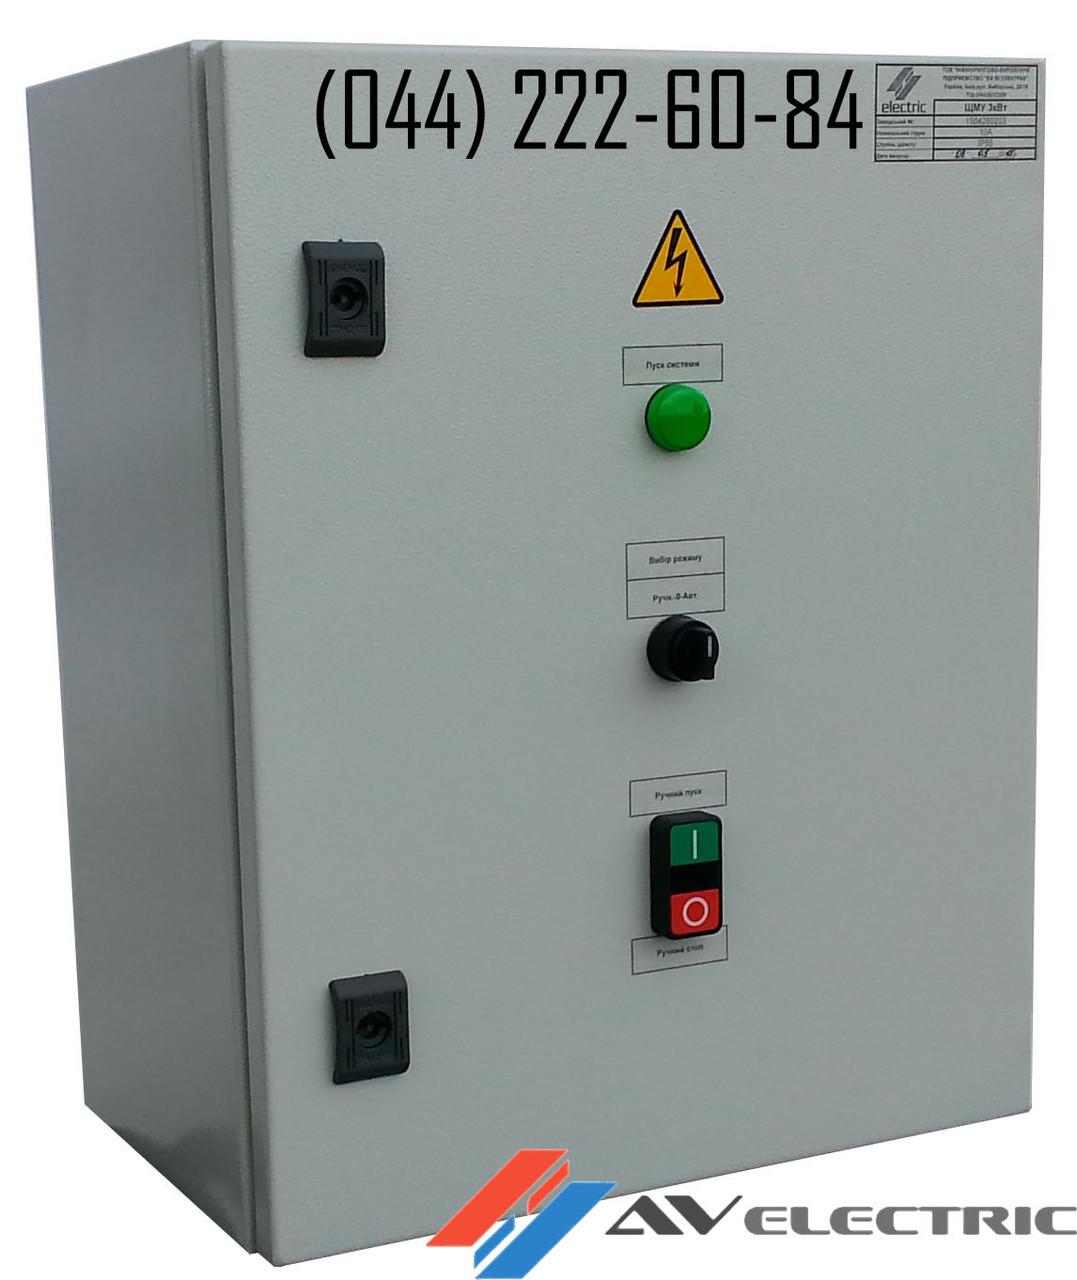 Ящик управления Я5110-2674 - КАП электро плюс в Киеве